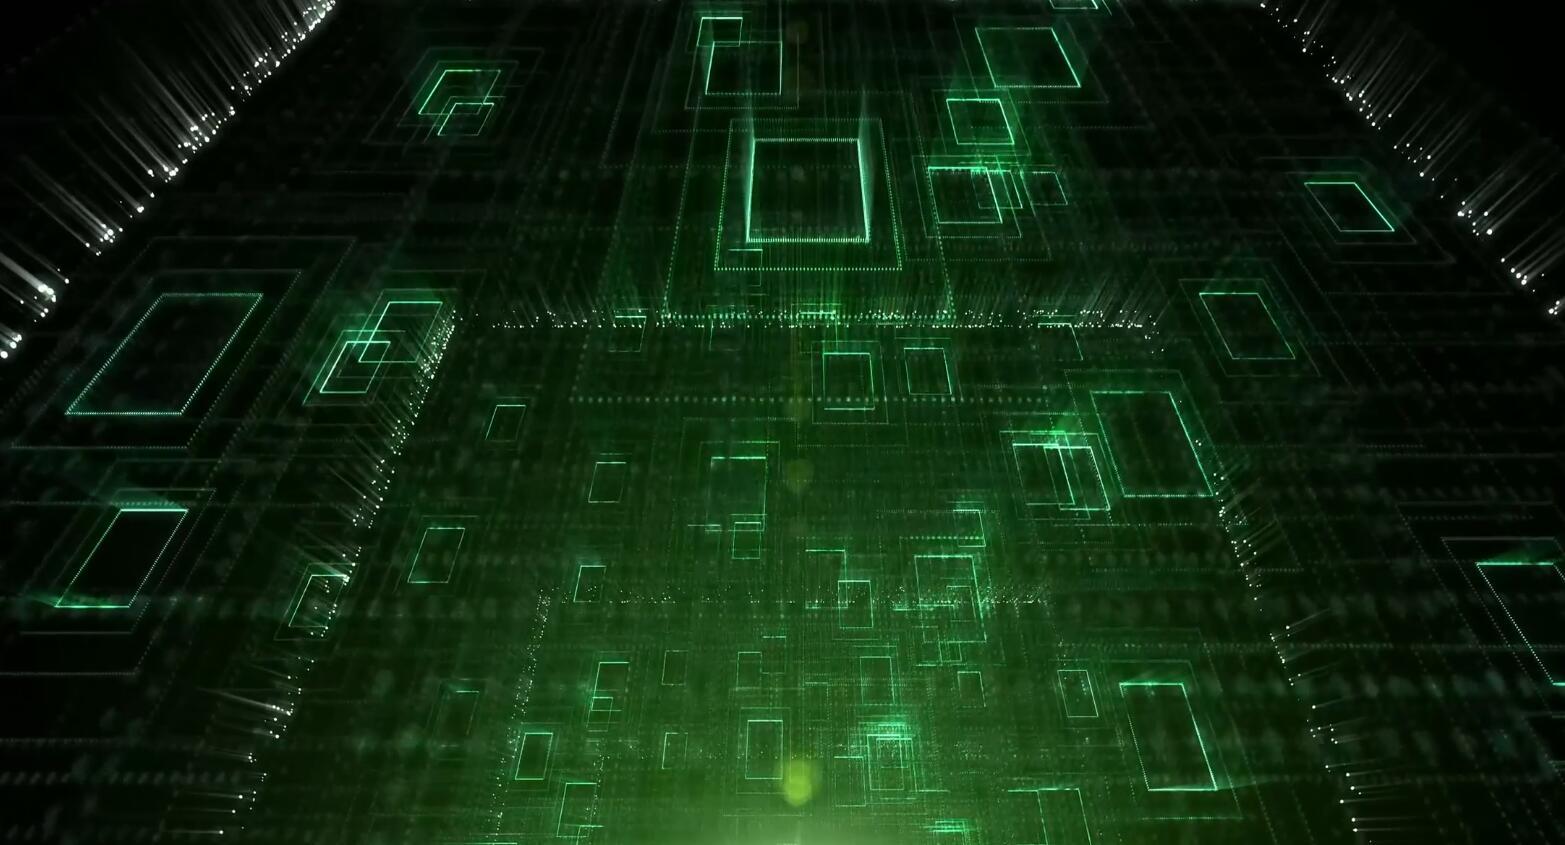 绿色的网格